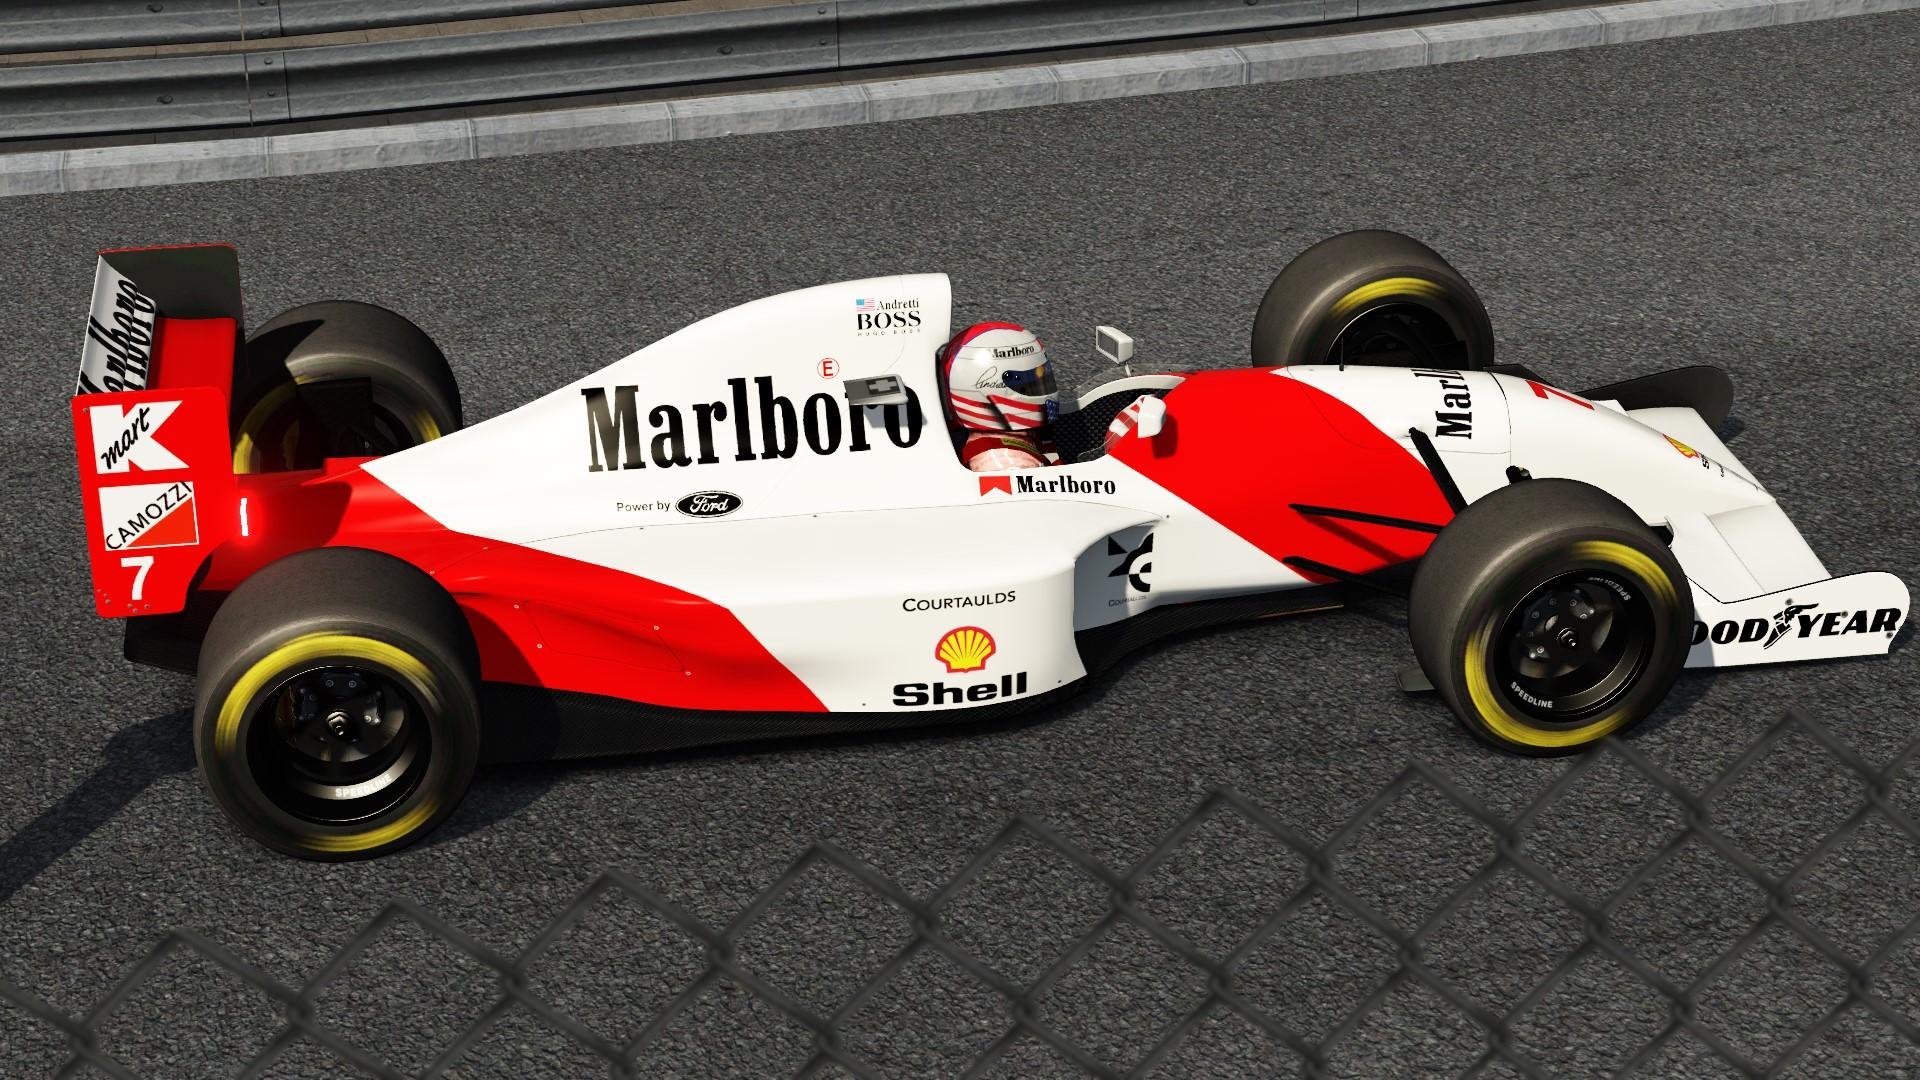 1993 Mclaren Mp4 8 Skin Racedepartment Latest Formula